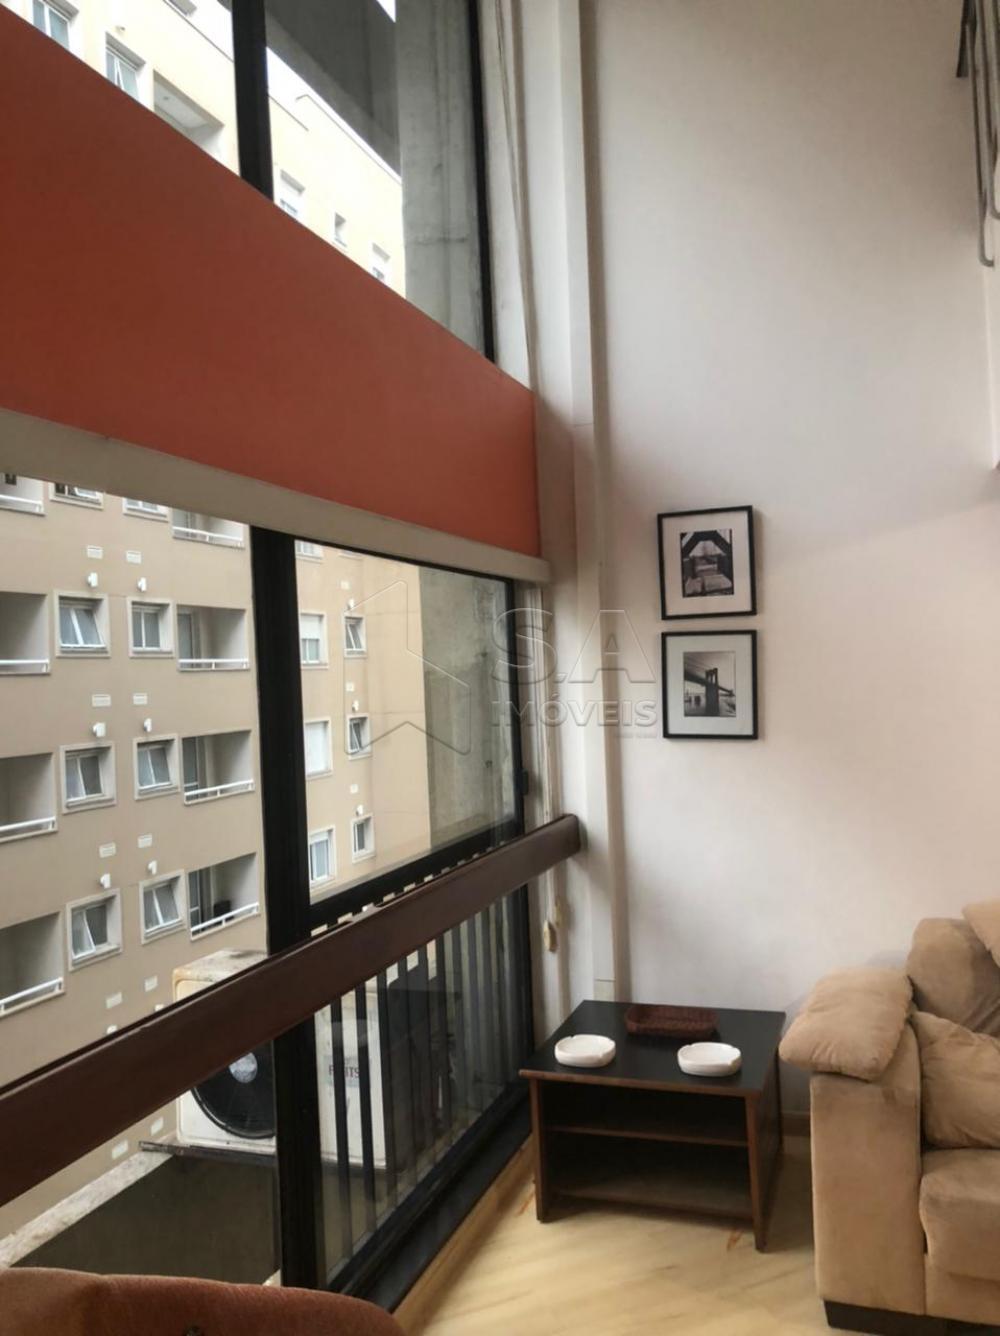 Comprar Apartamento / Duplex em São Paulo R$ 400.000,00 - Foto 3